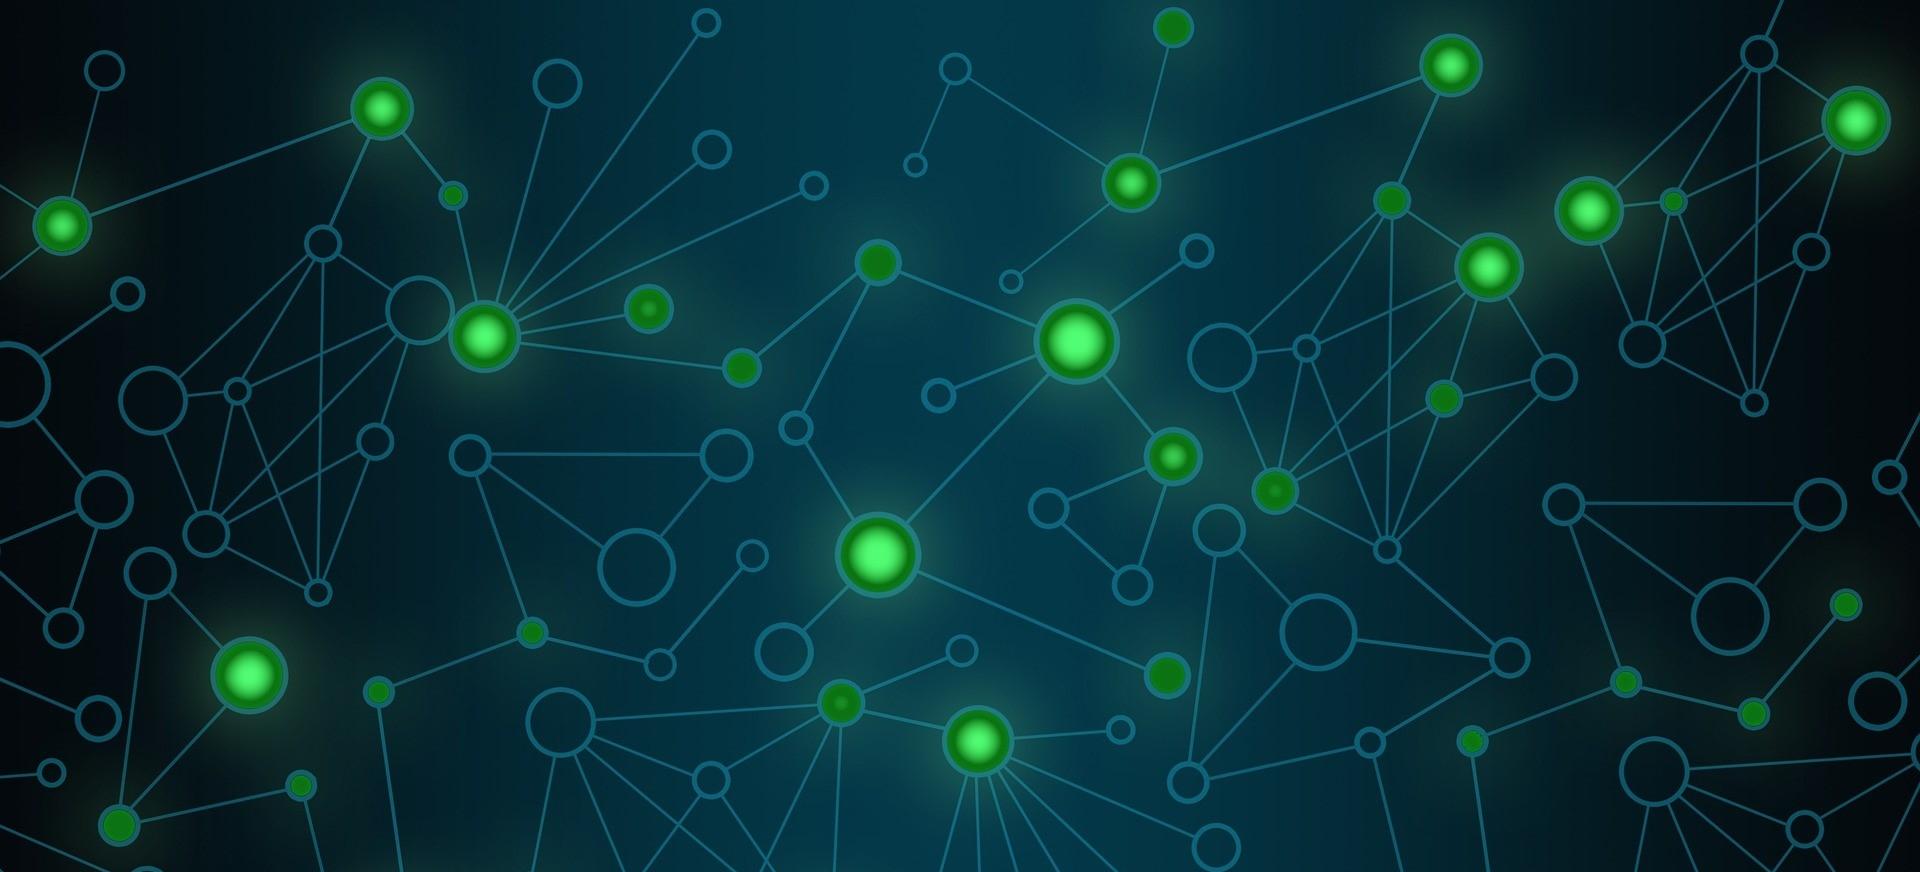 Cordes-Netzwerk